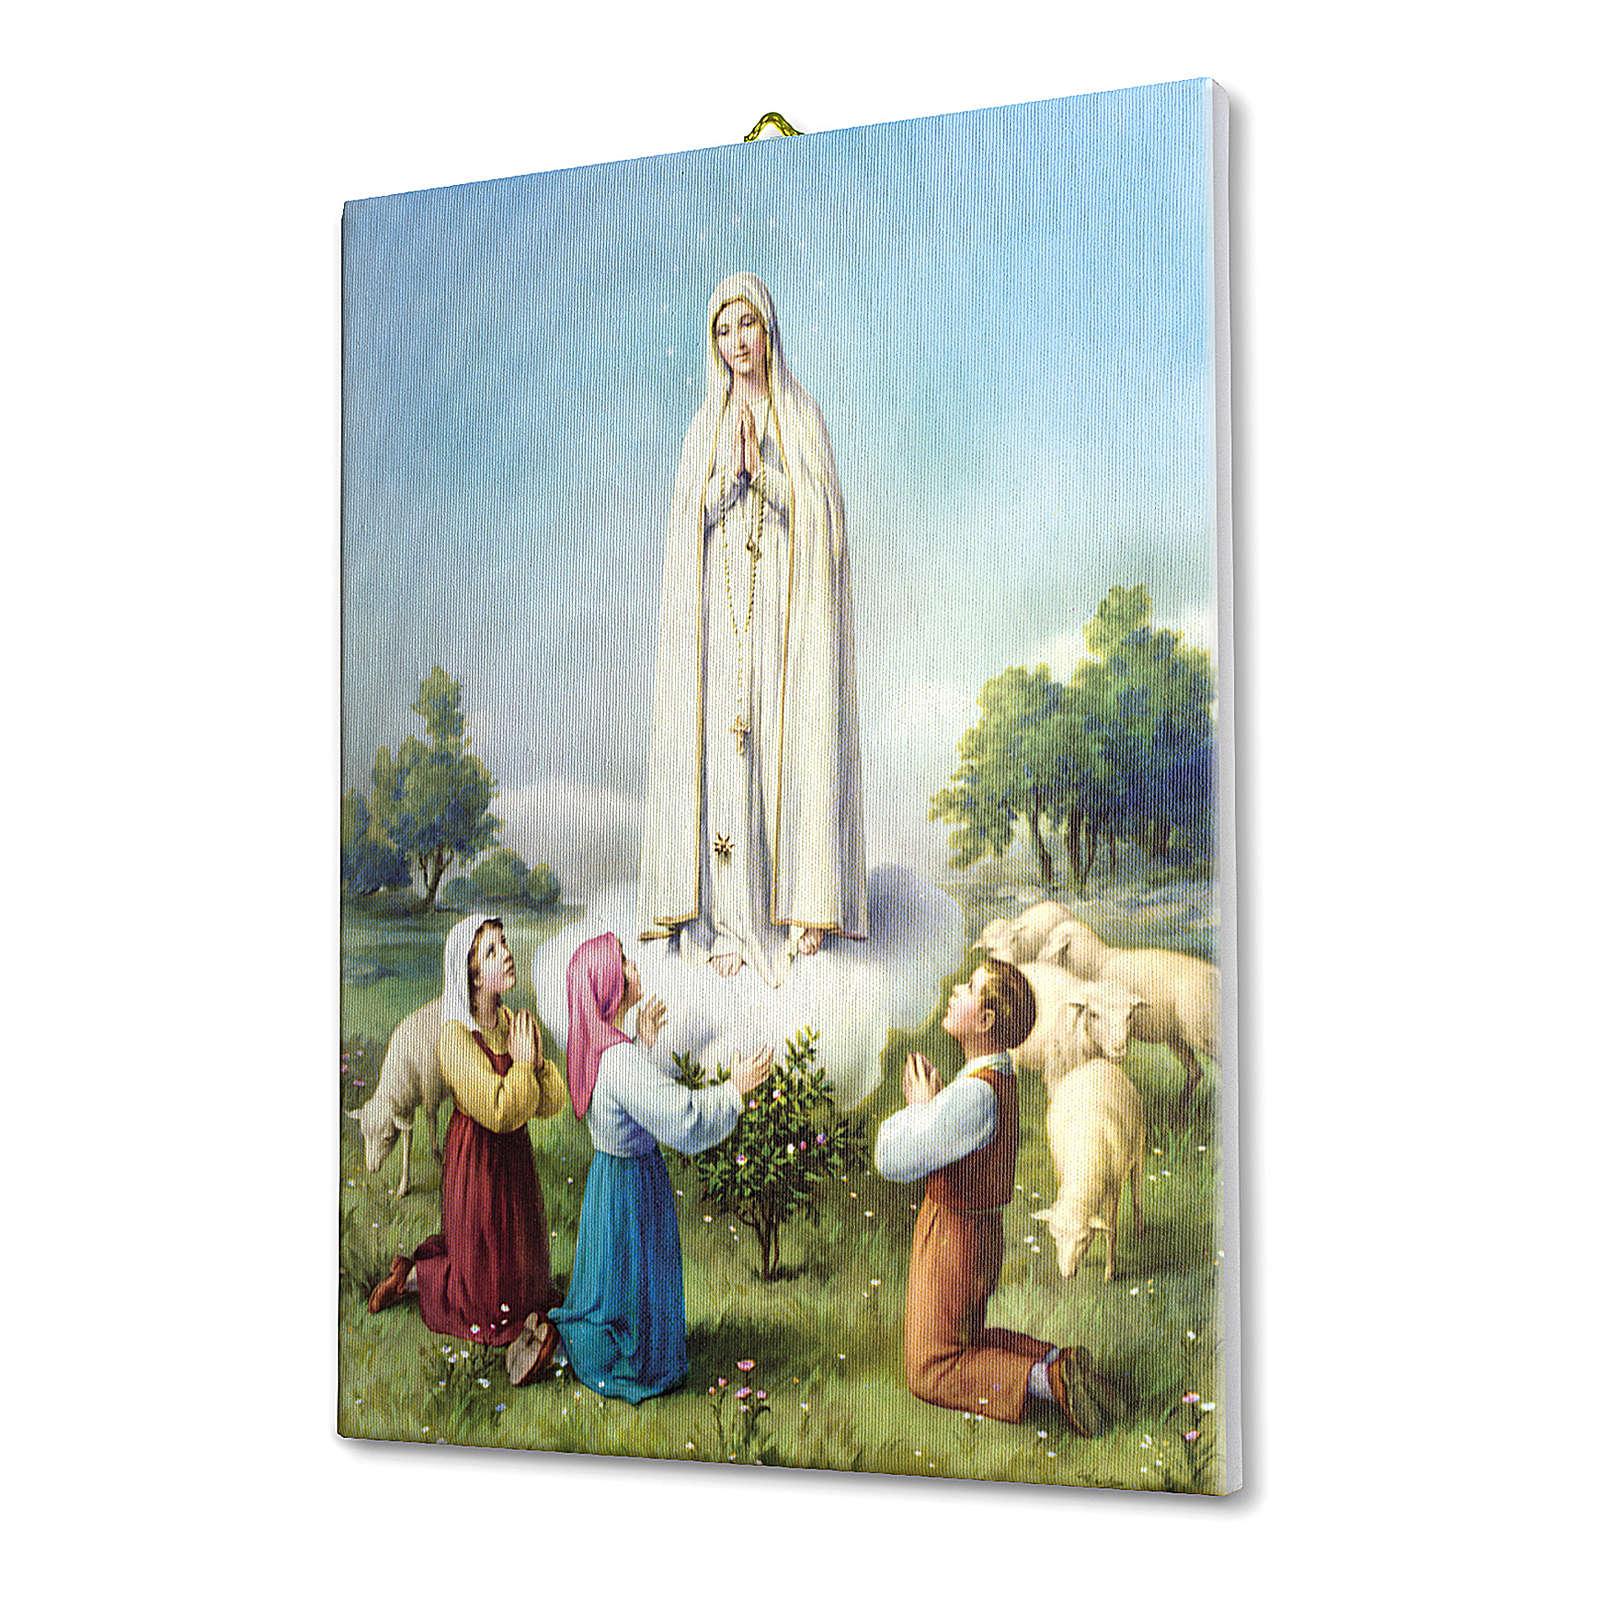 Cuadro sobre tela pictórica Virgen de Fátima con Pastores 70x50 cm 3